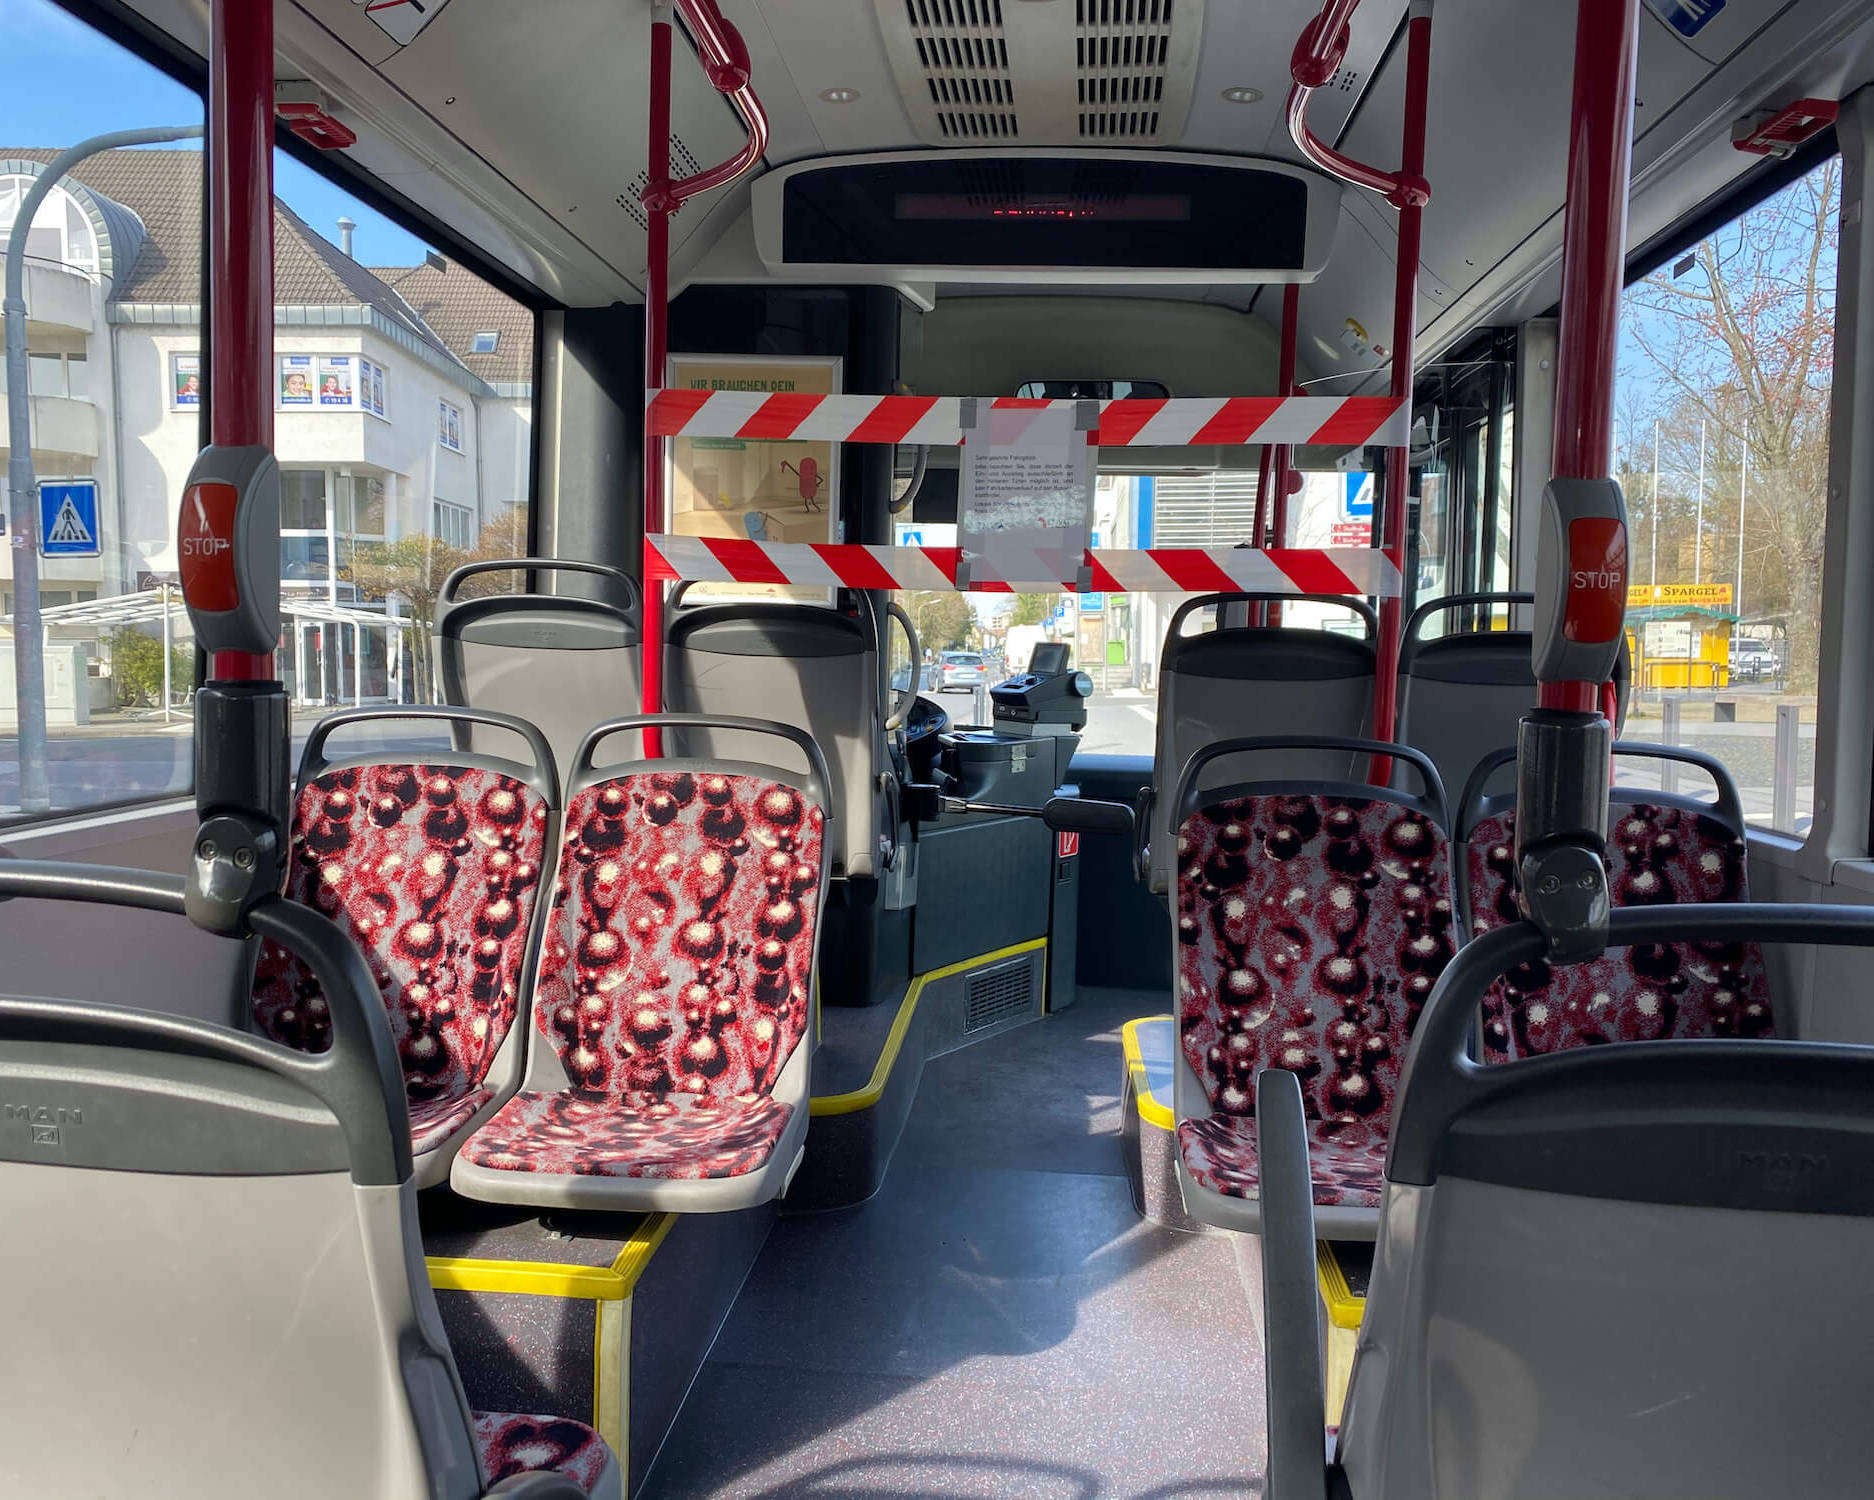 Bus-Fahrerraum ist abgesperrt.